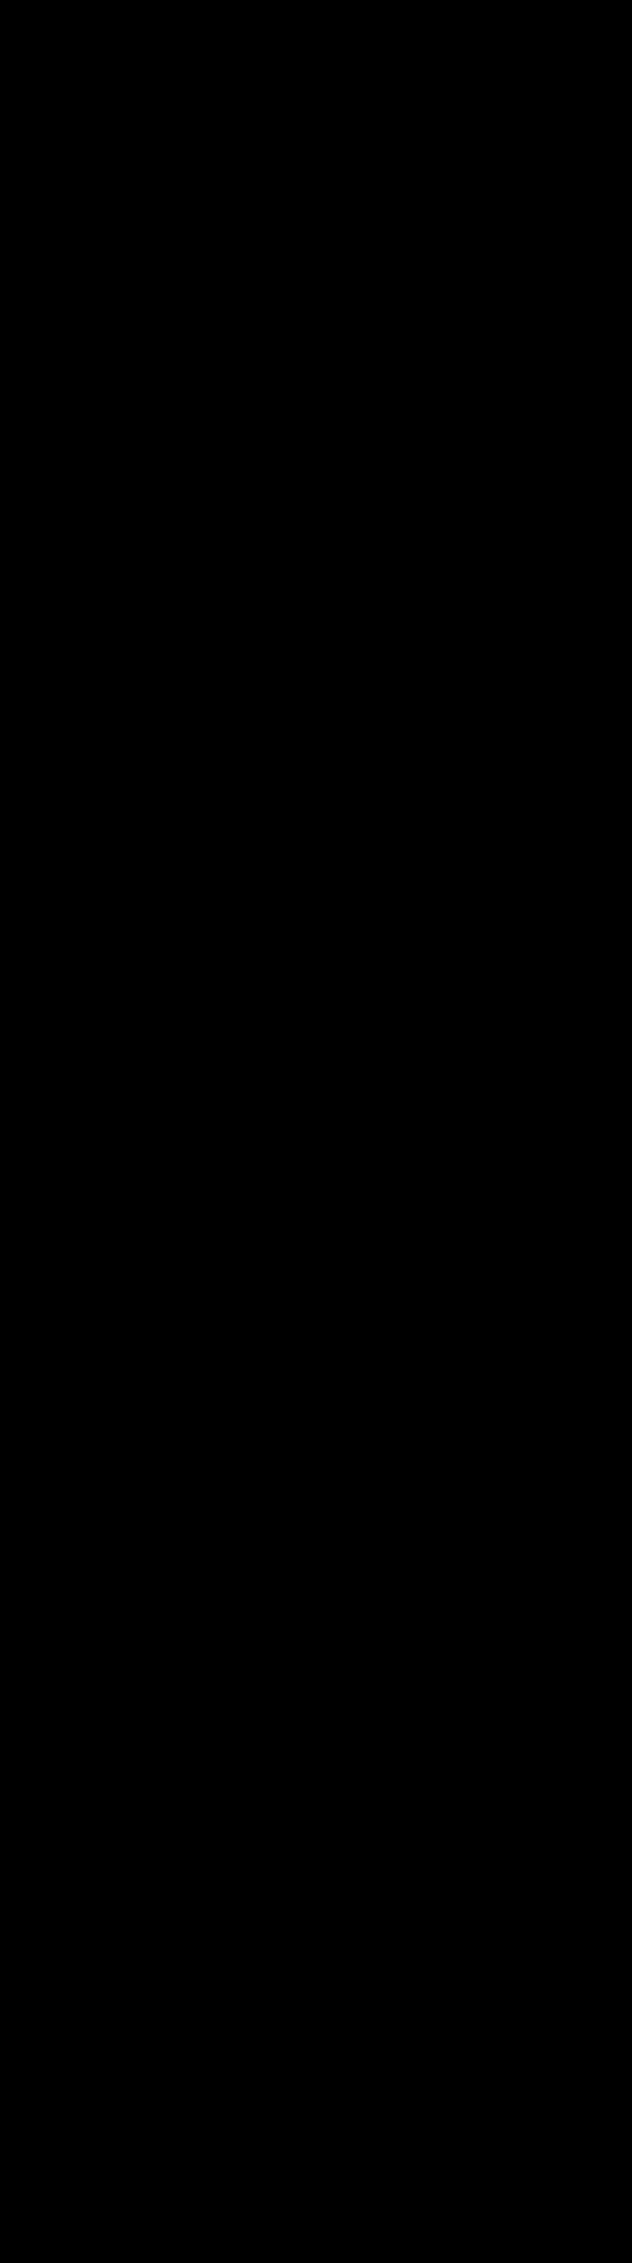 Гост на буквенные обозначения в электрических схемах